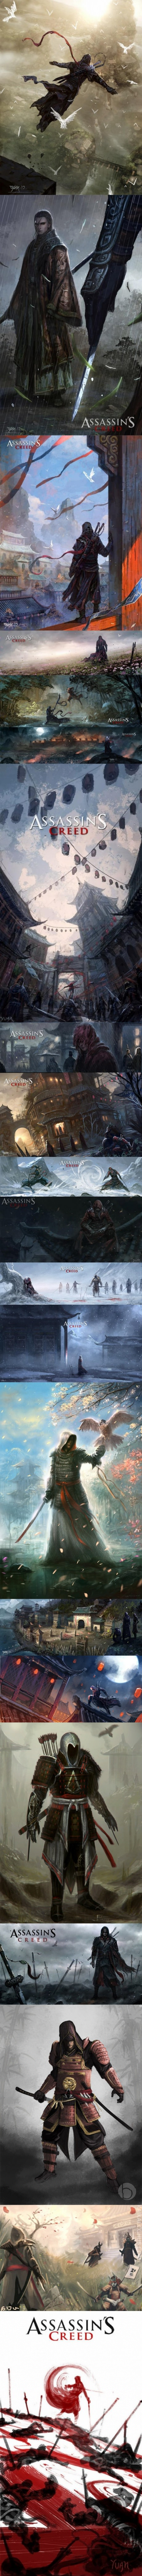 assassins-creed-fan-art